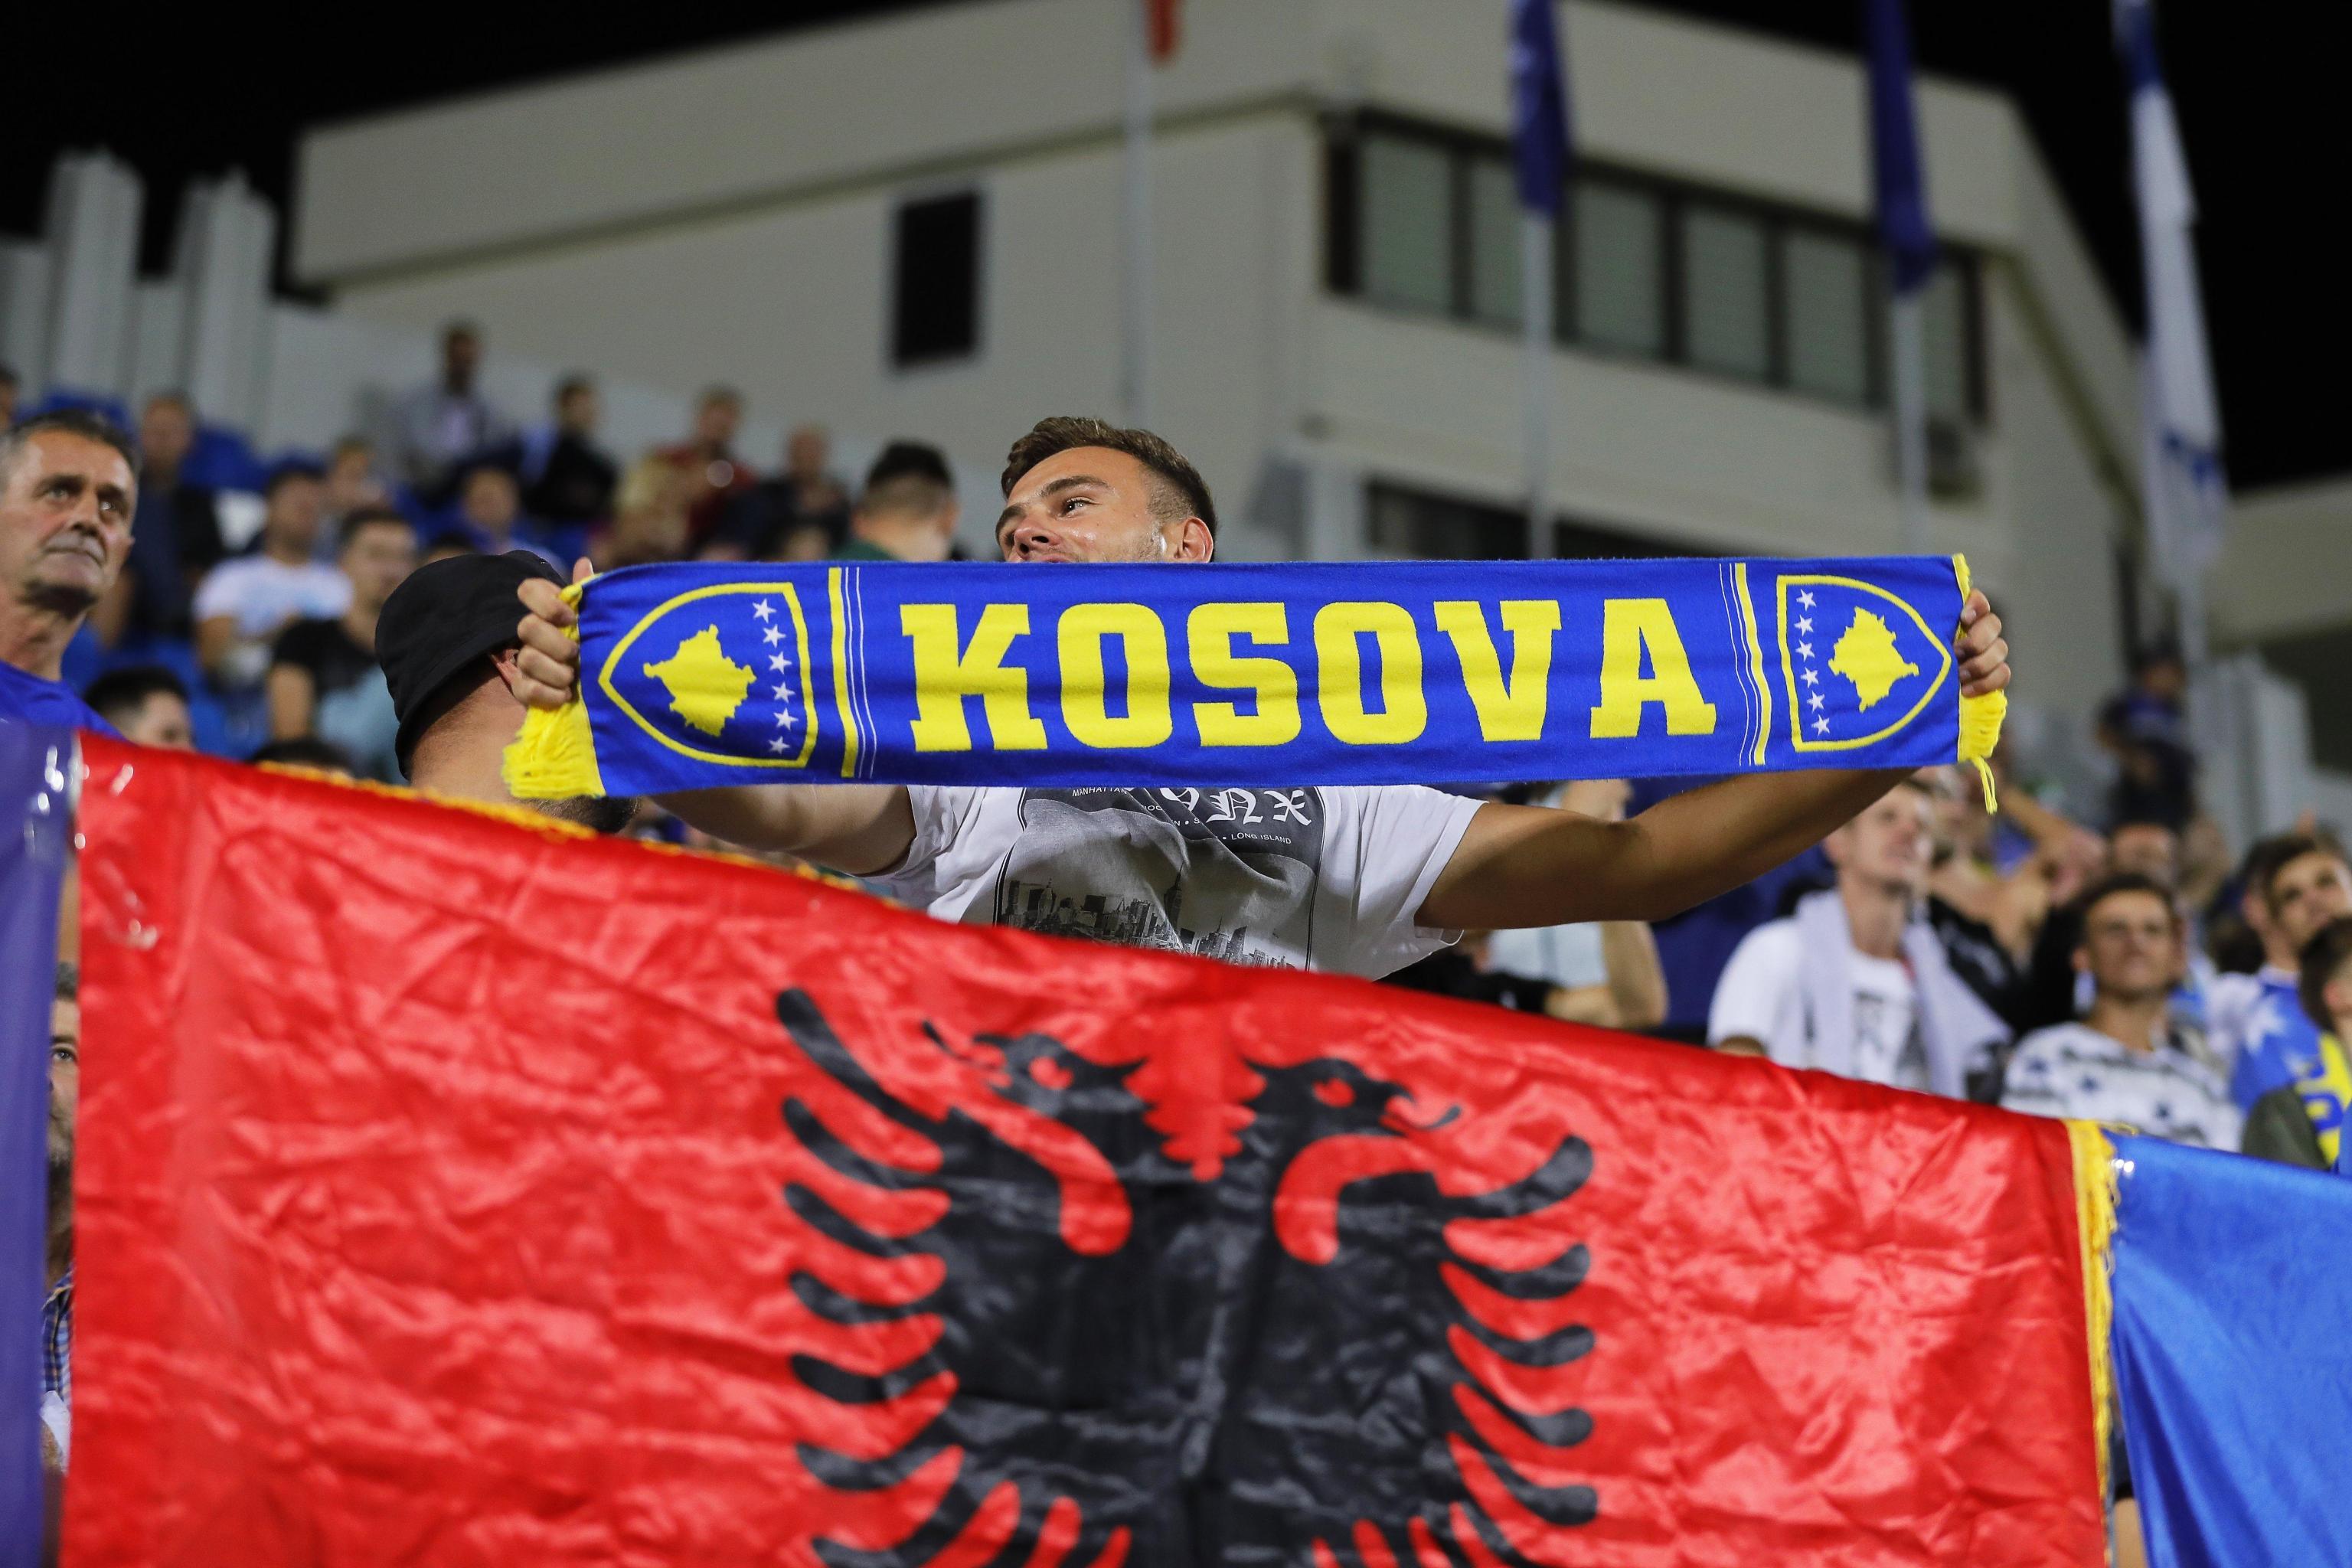 Kosovo vs Finland